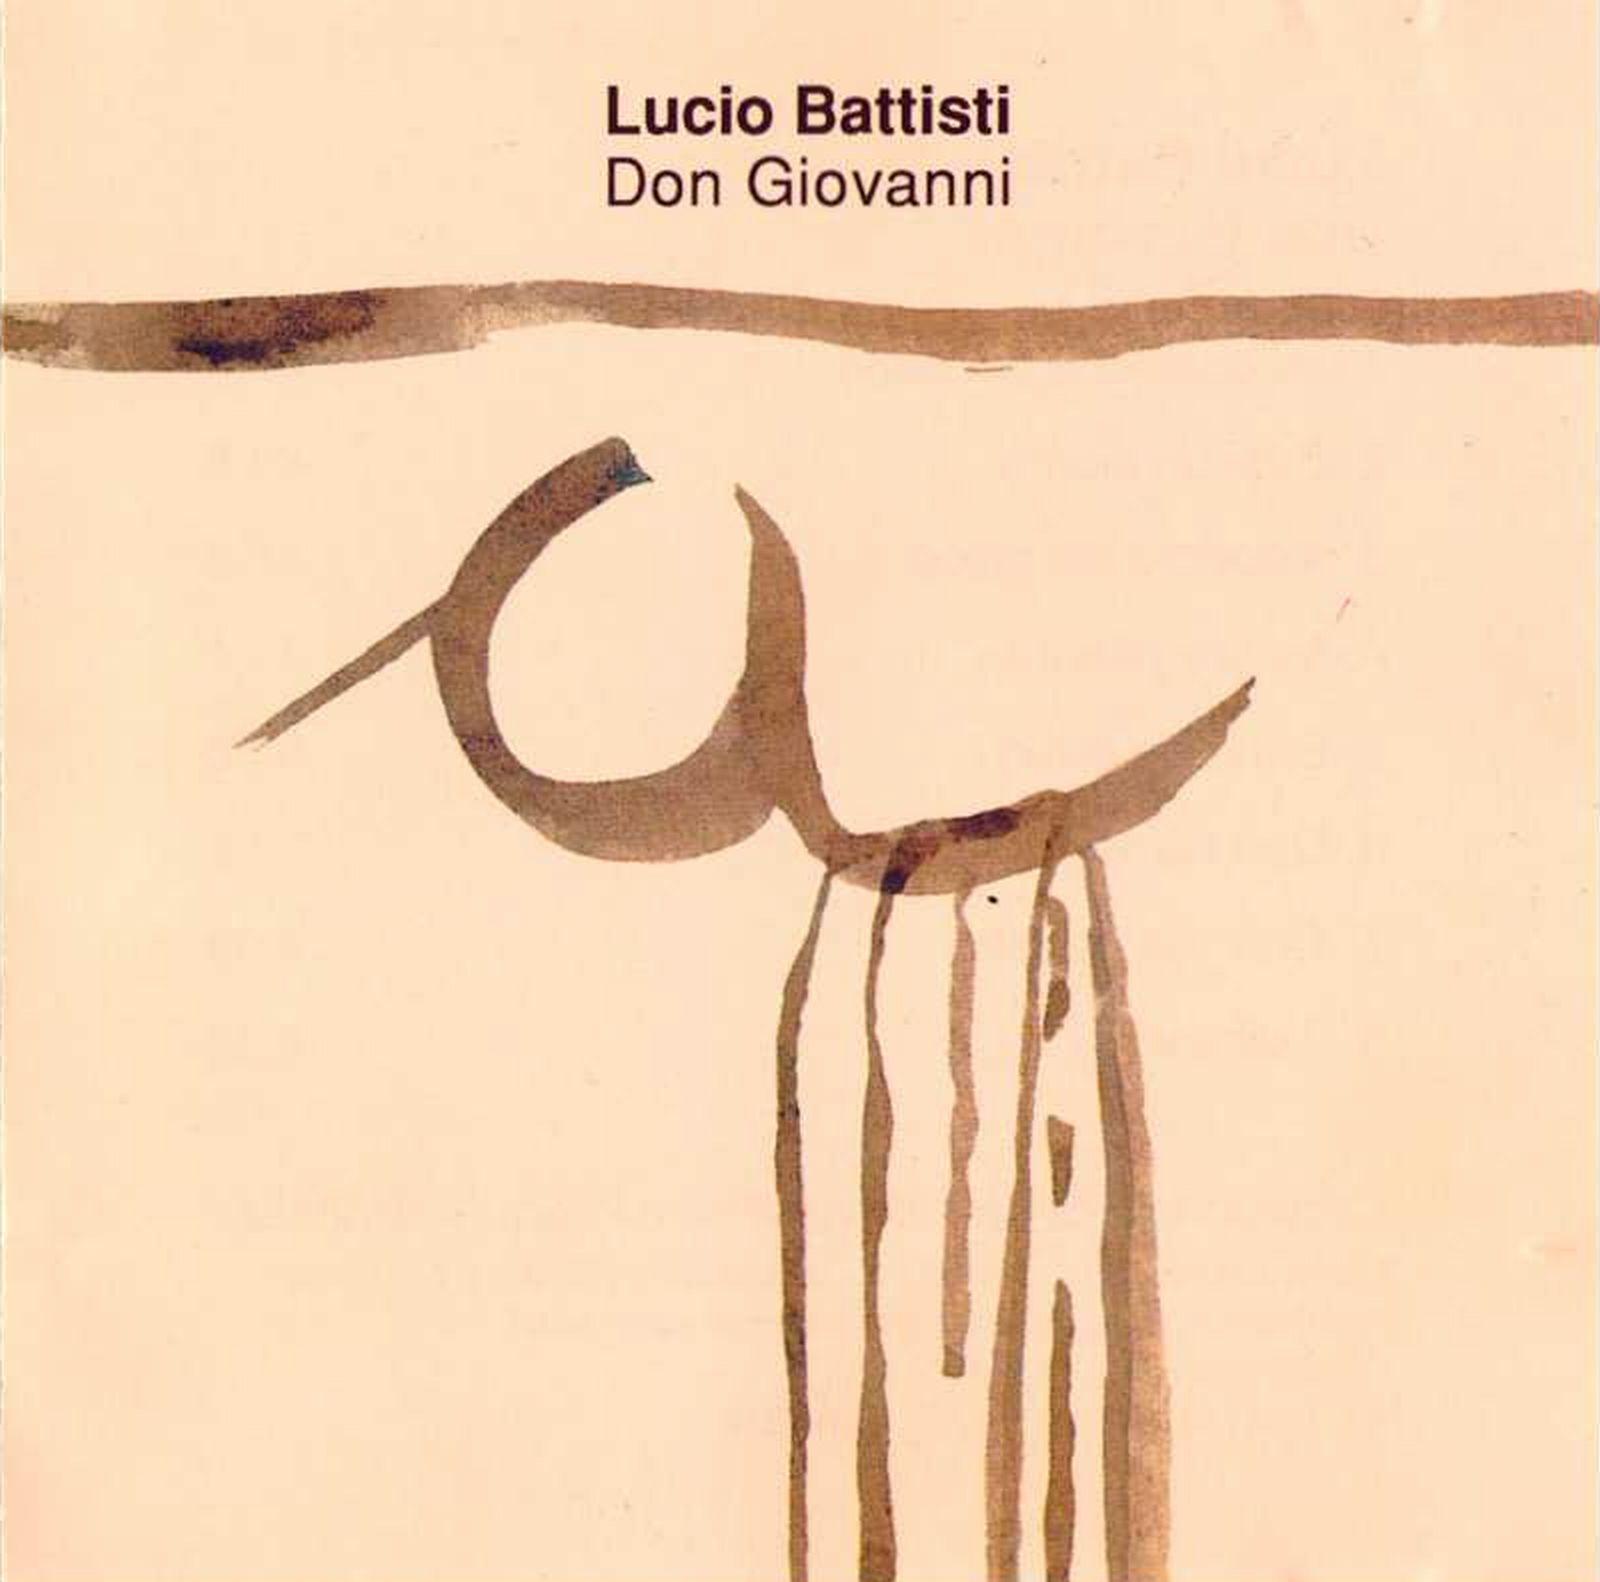 lucio_battisti_-_don_giovanni_-_front